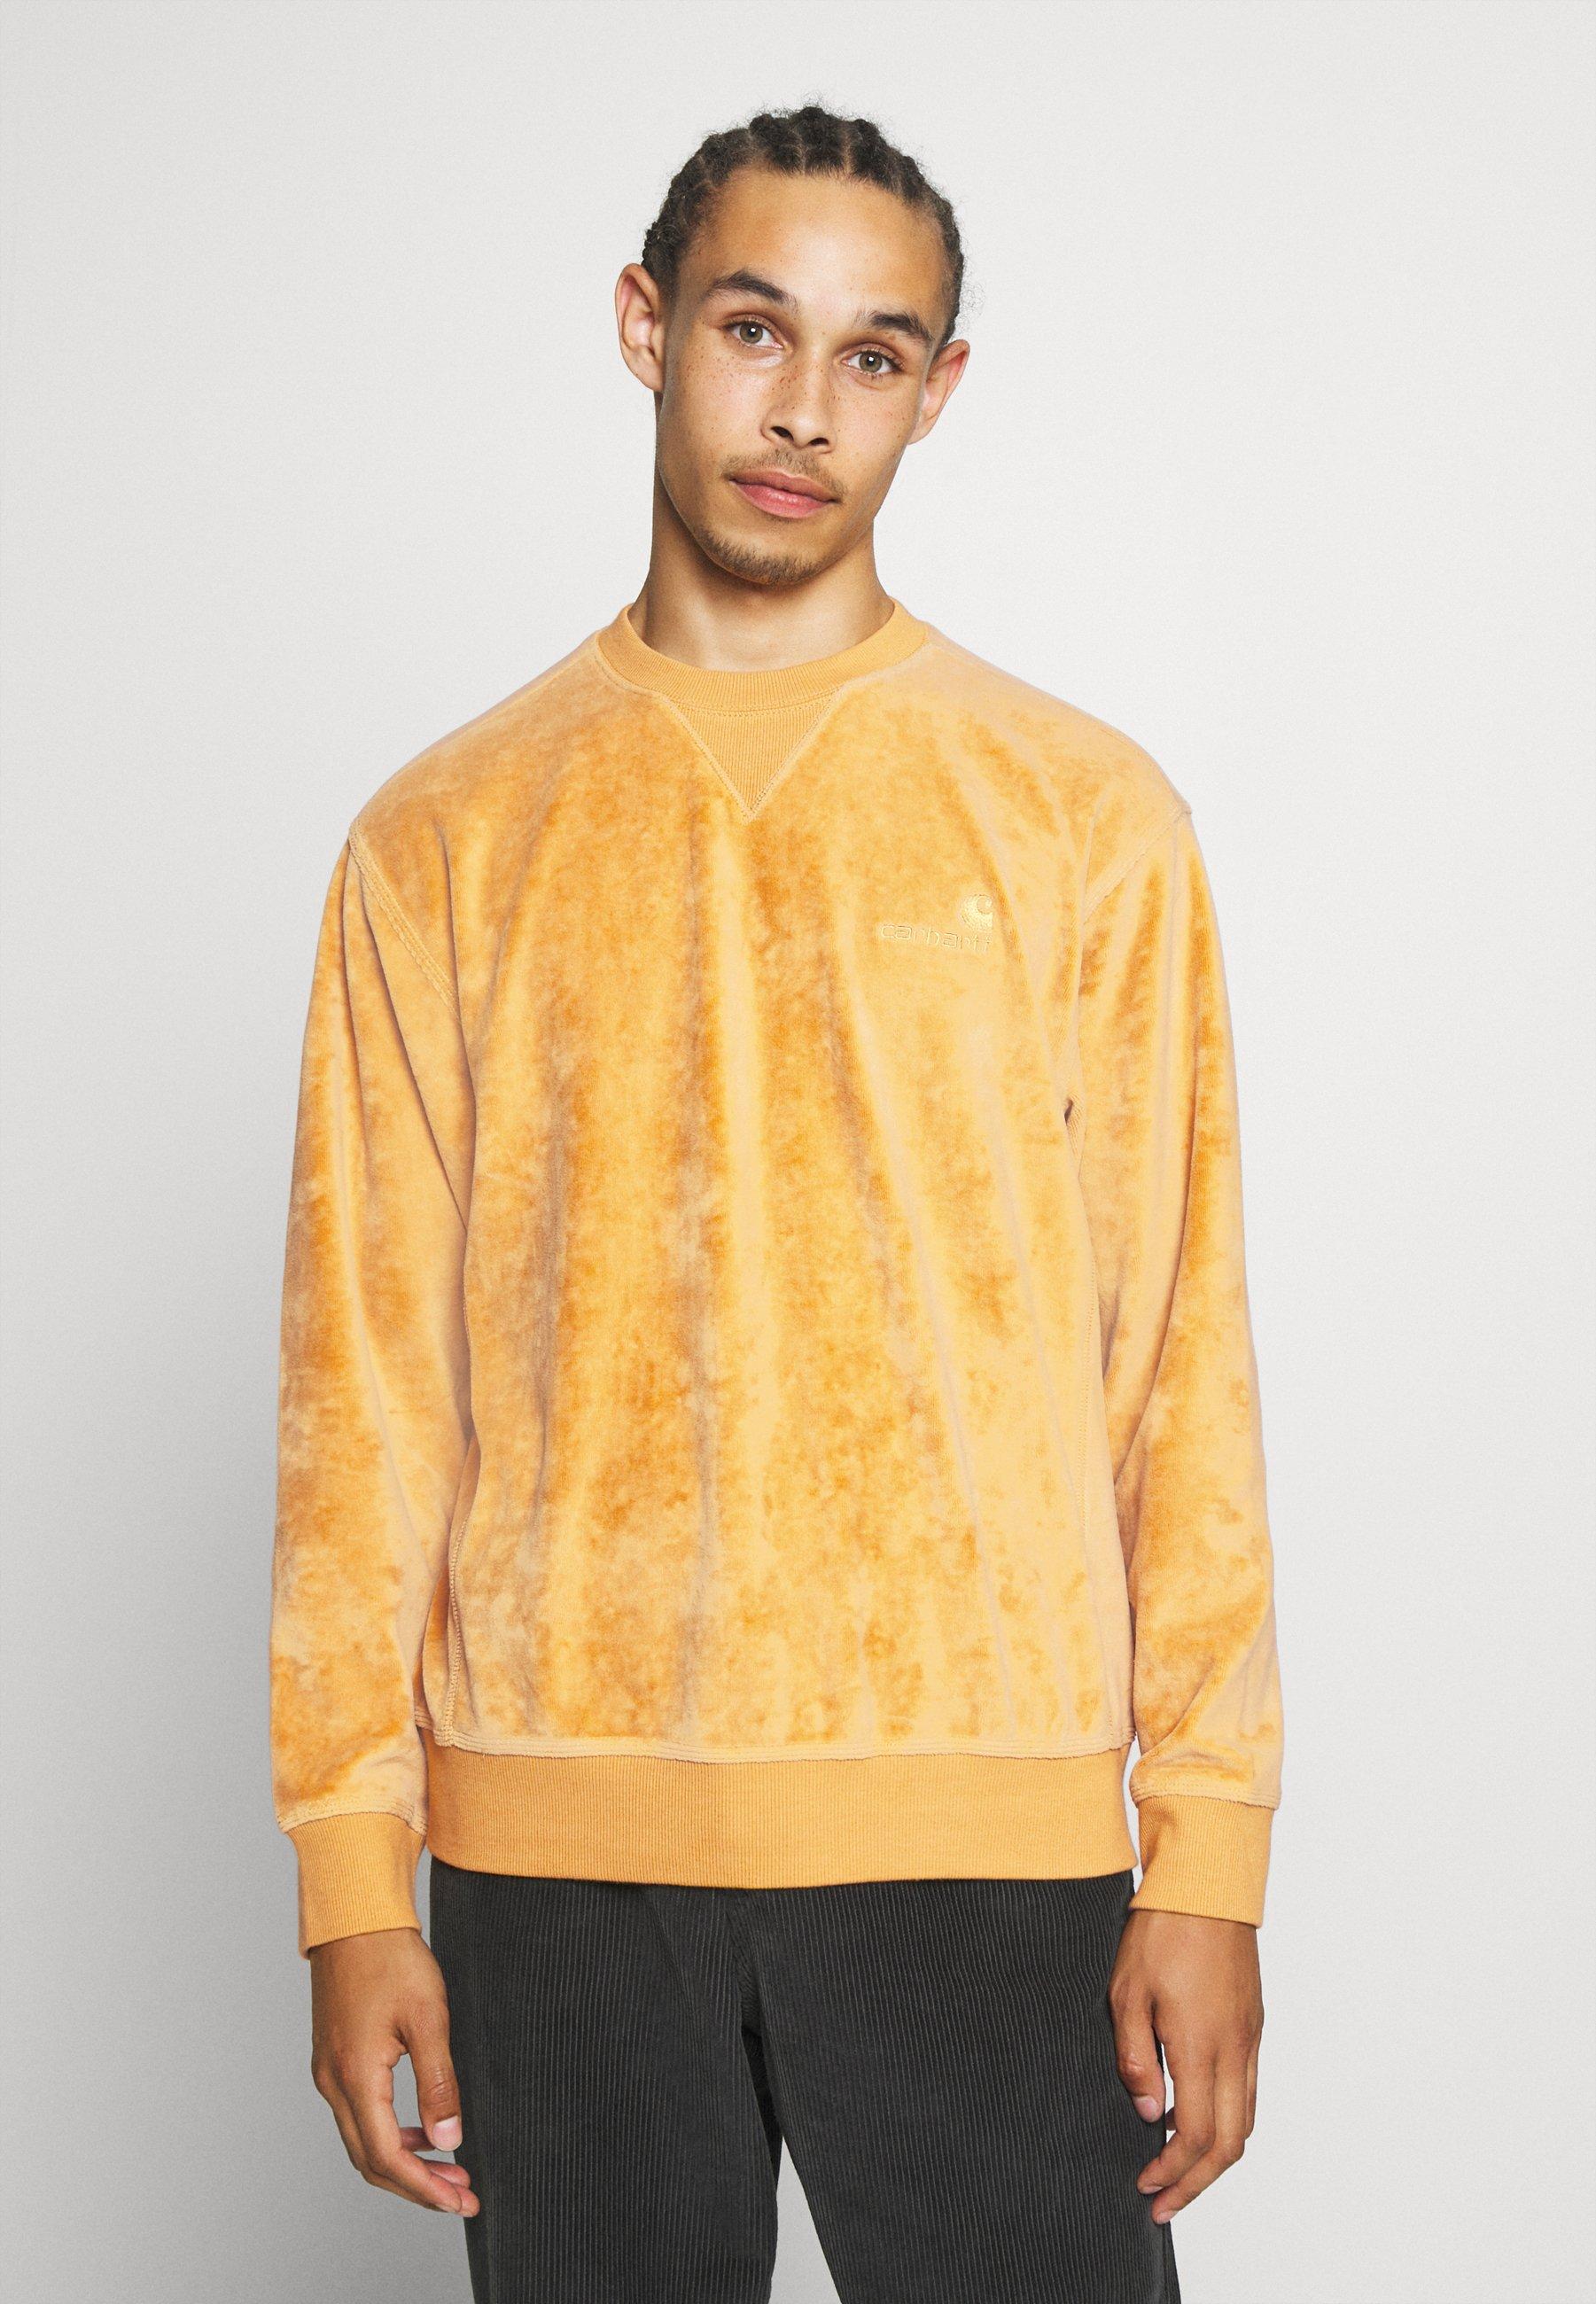 Carhartt Chase Sweatshirt gelb Herren Rundhals Pullover winter sun